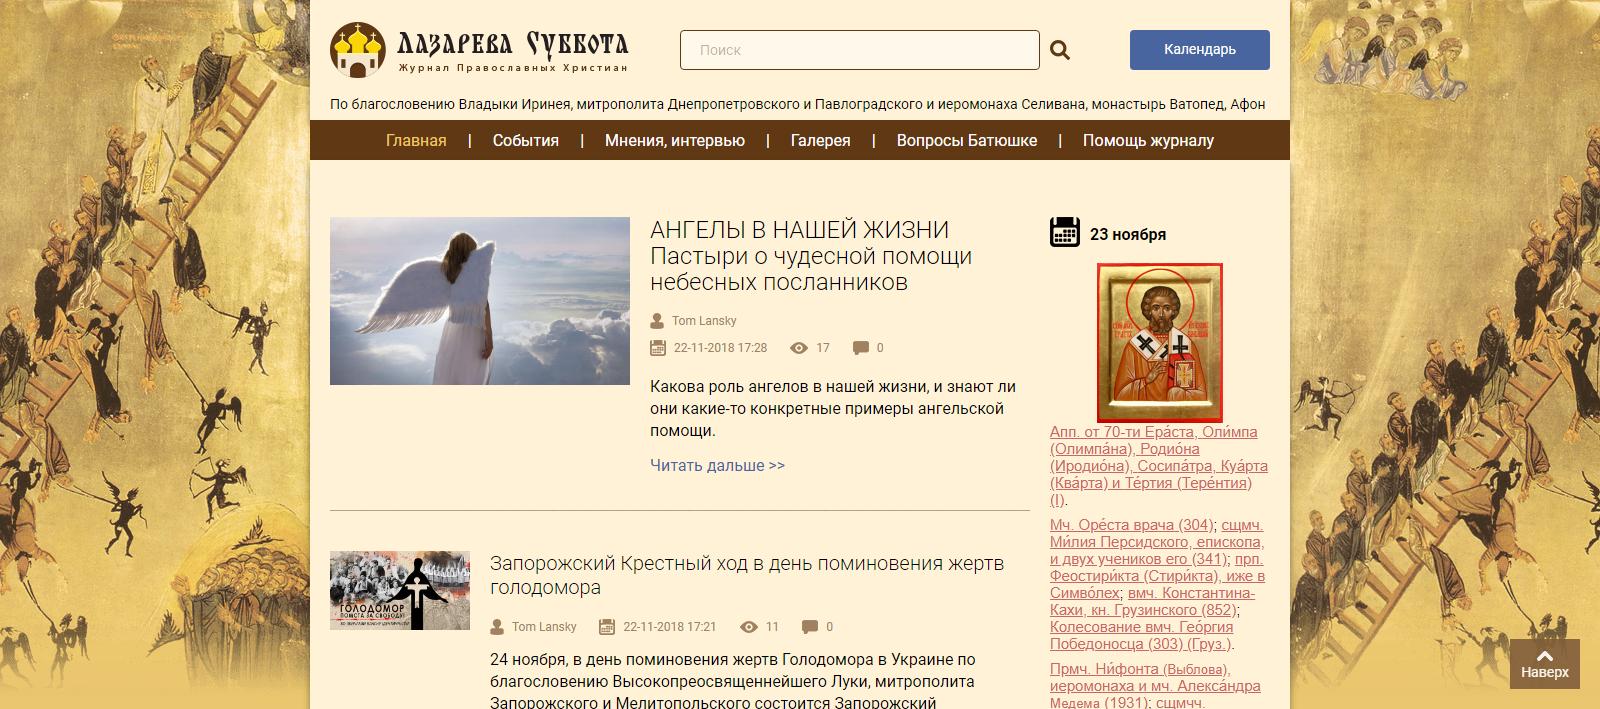 Православный журнал Лазарева Суббота